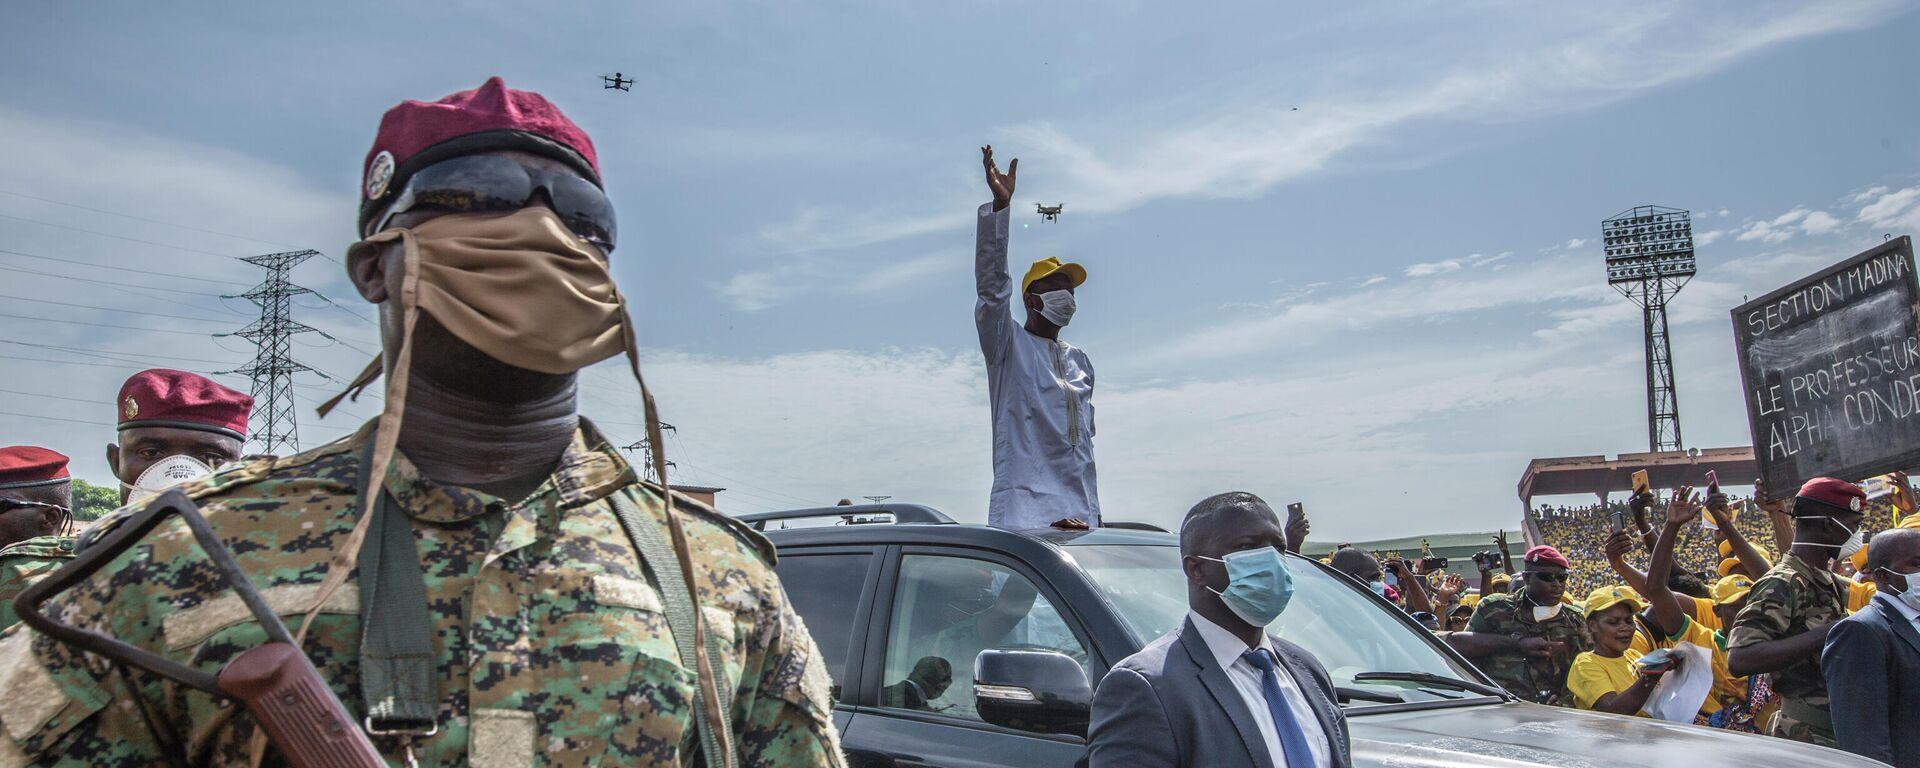 Alpha Conde, presidente de Guinea, durante un acto de campaña electoral en Conakry, el 18 de octubre del 2020 - Sputnik Mundo, 1920, 05.09.2021